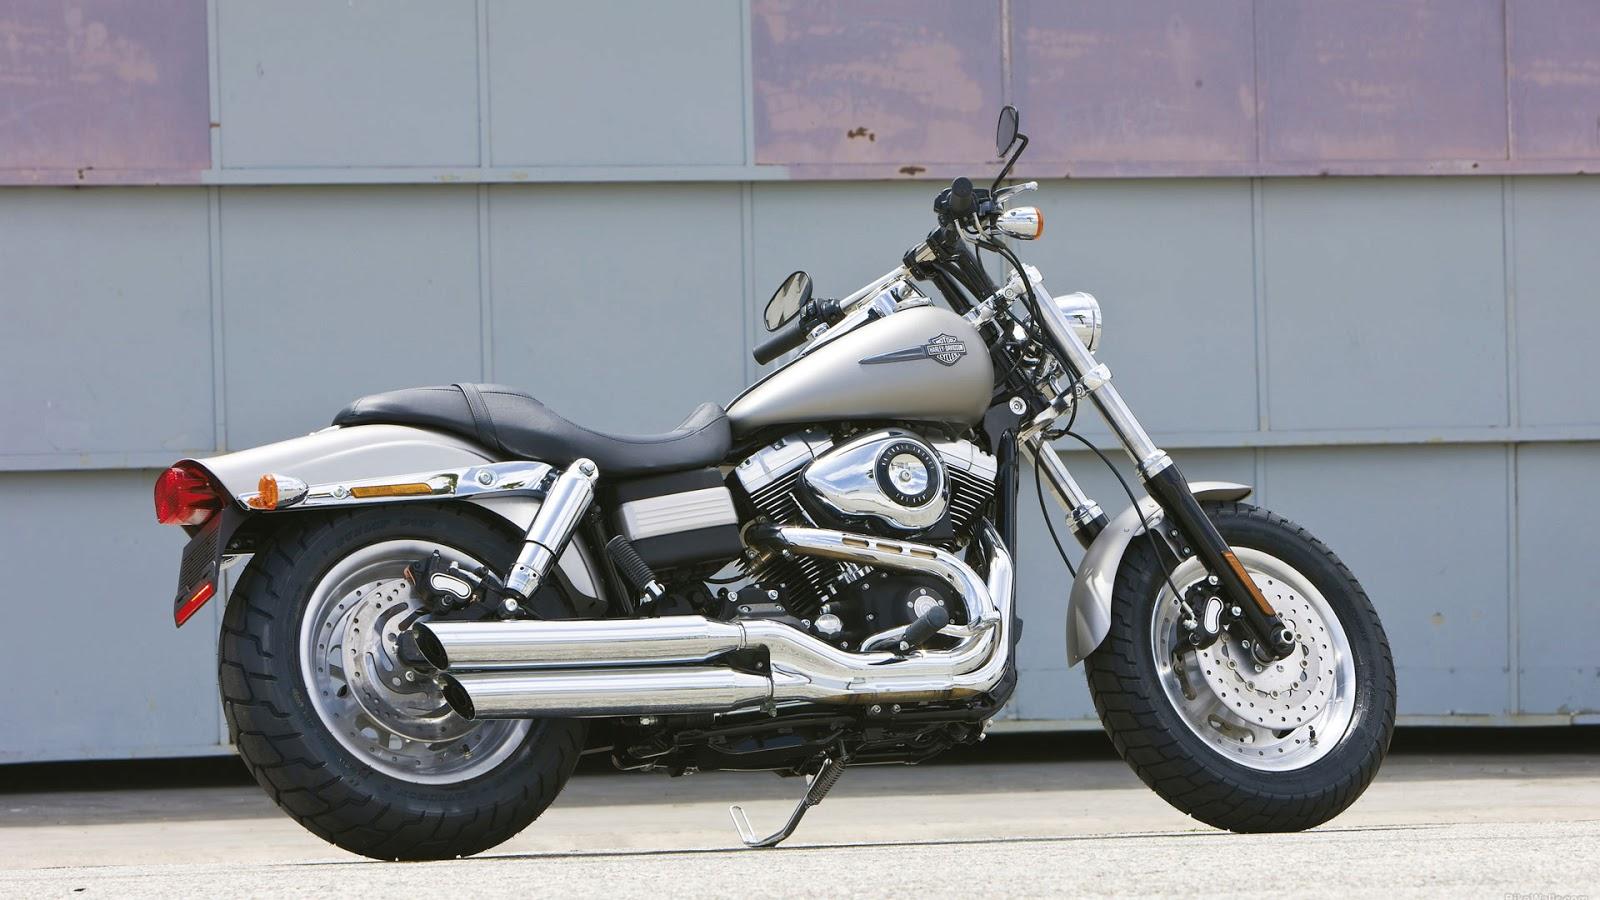 Harley Davidson Xln Nightster Reviews